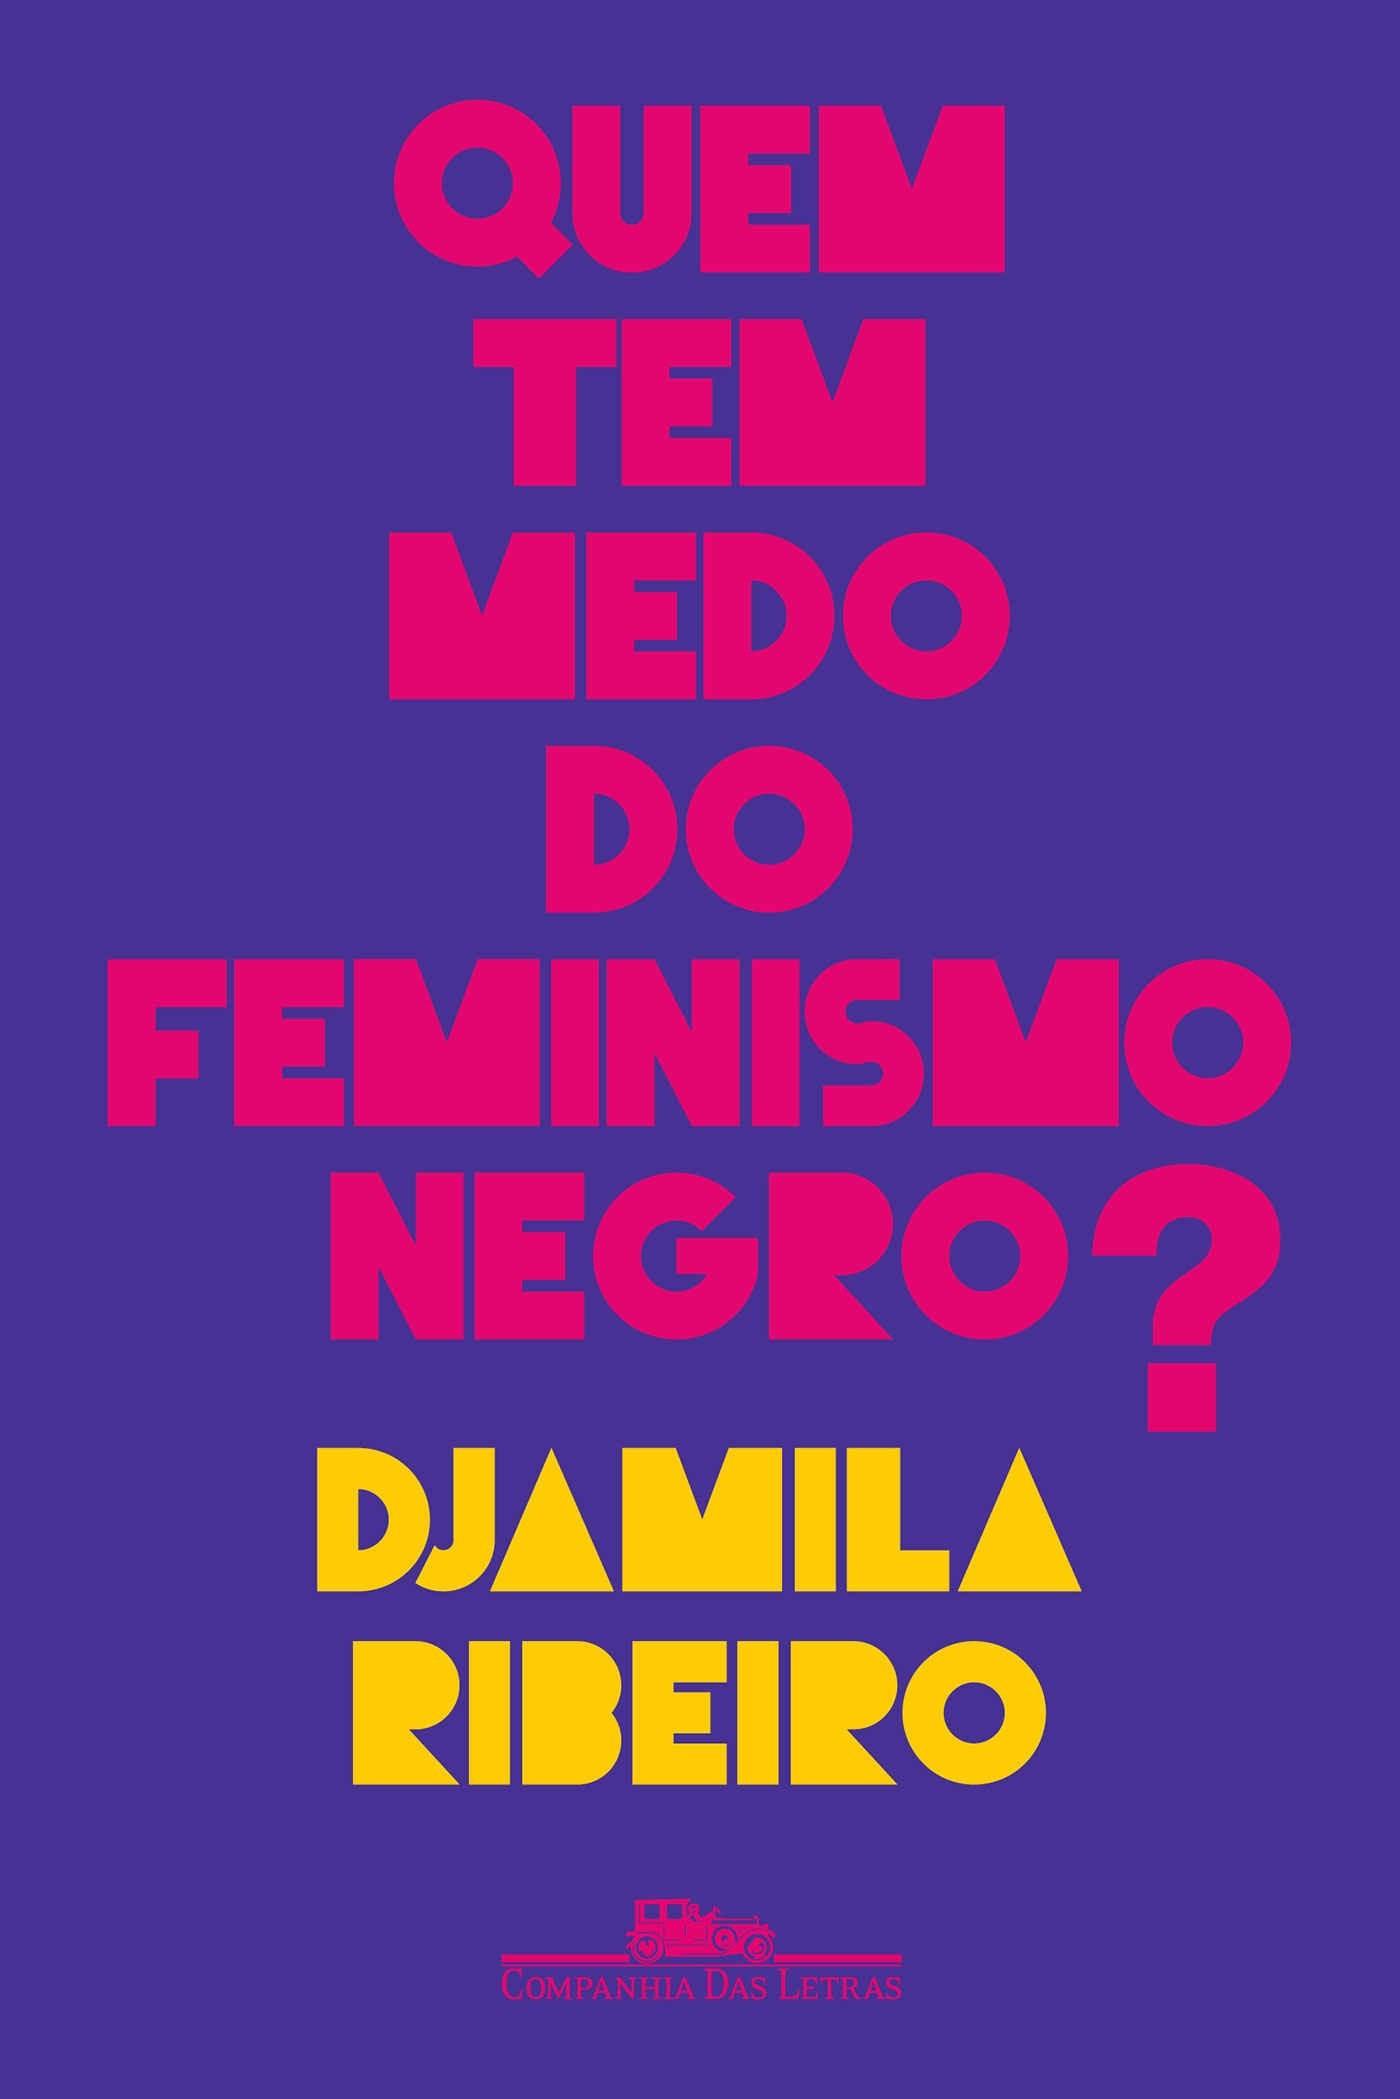 Quem Tem Medo do Feminismo Negro de Djamila Ribeiro Foto Divulga§£o